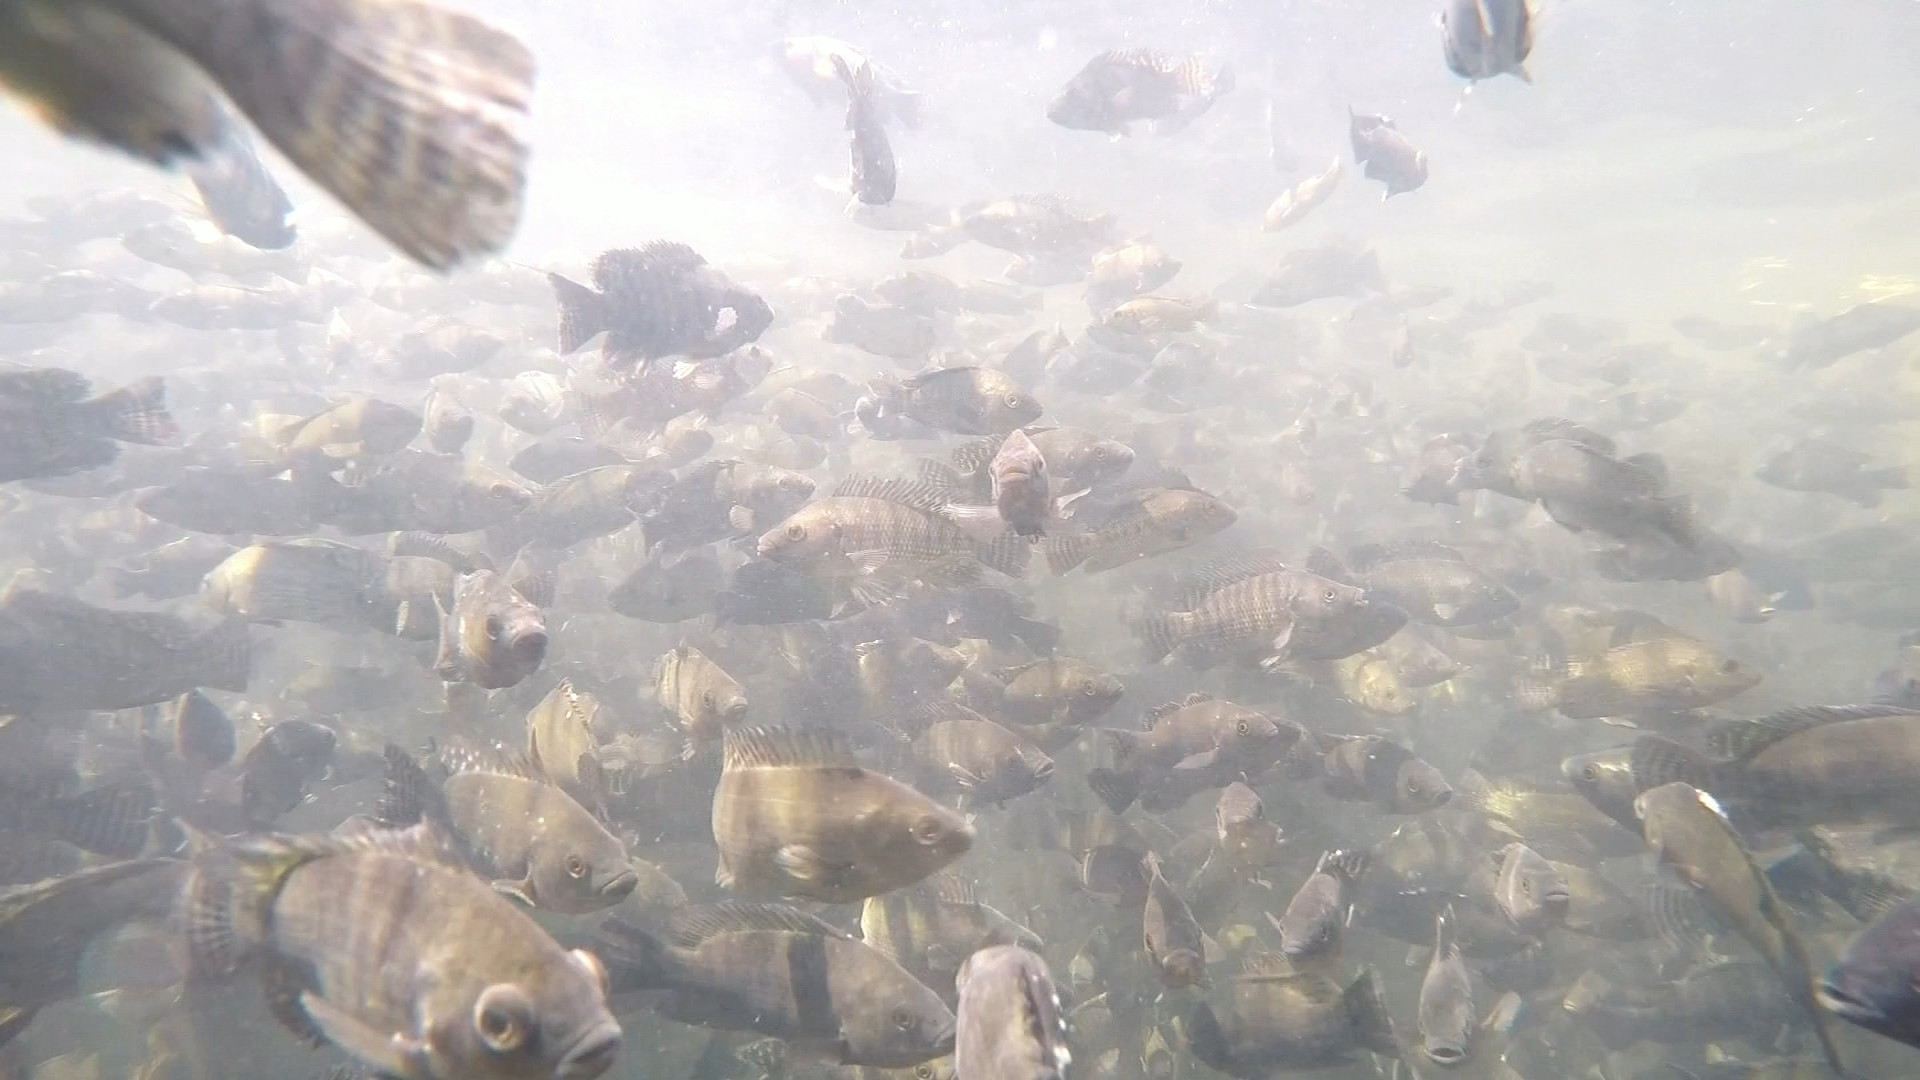 Oferta de cilindros de oxigênio cai e piscicultores precisam alterar logística para entrega de peixes